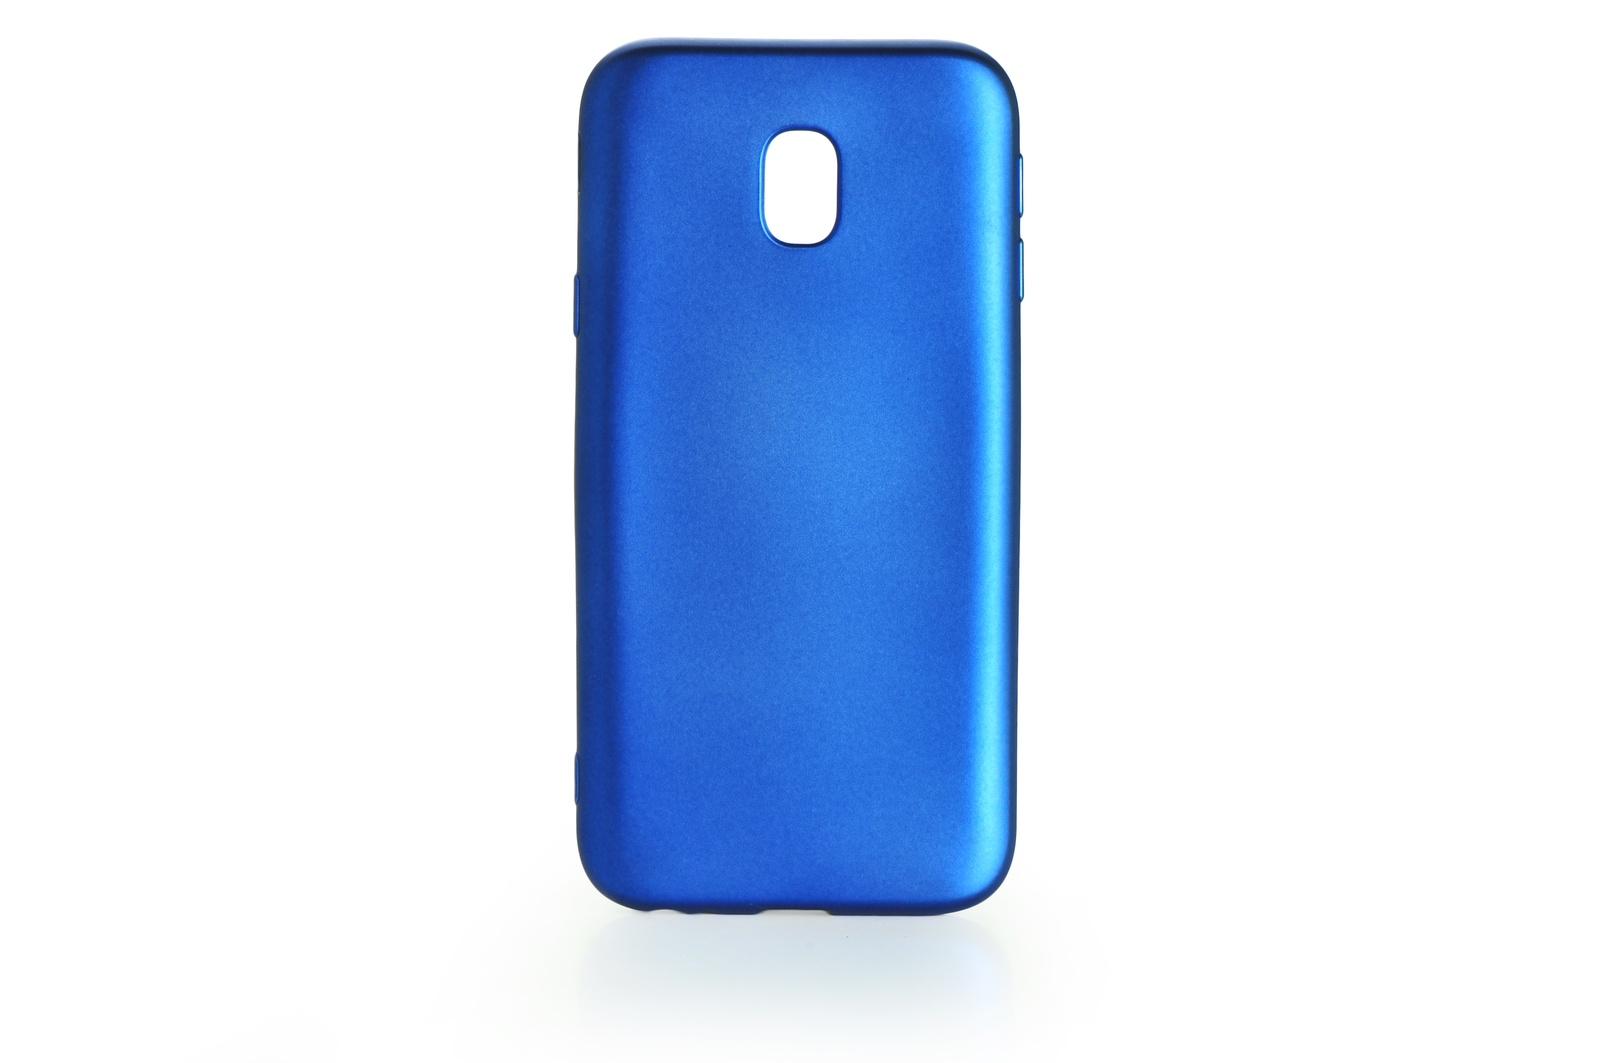 Чехол для сотового телефона Gurdini Чехол накладка силикон Soft Touch для Samsung Galaxy J3 2017 (J 330) , 904996, синий